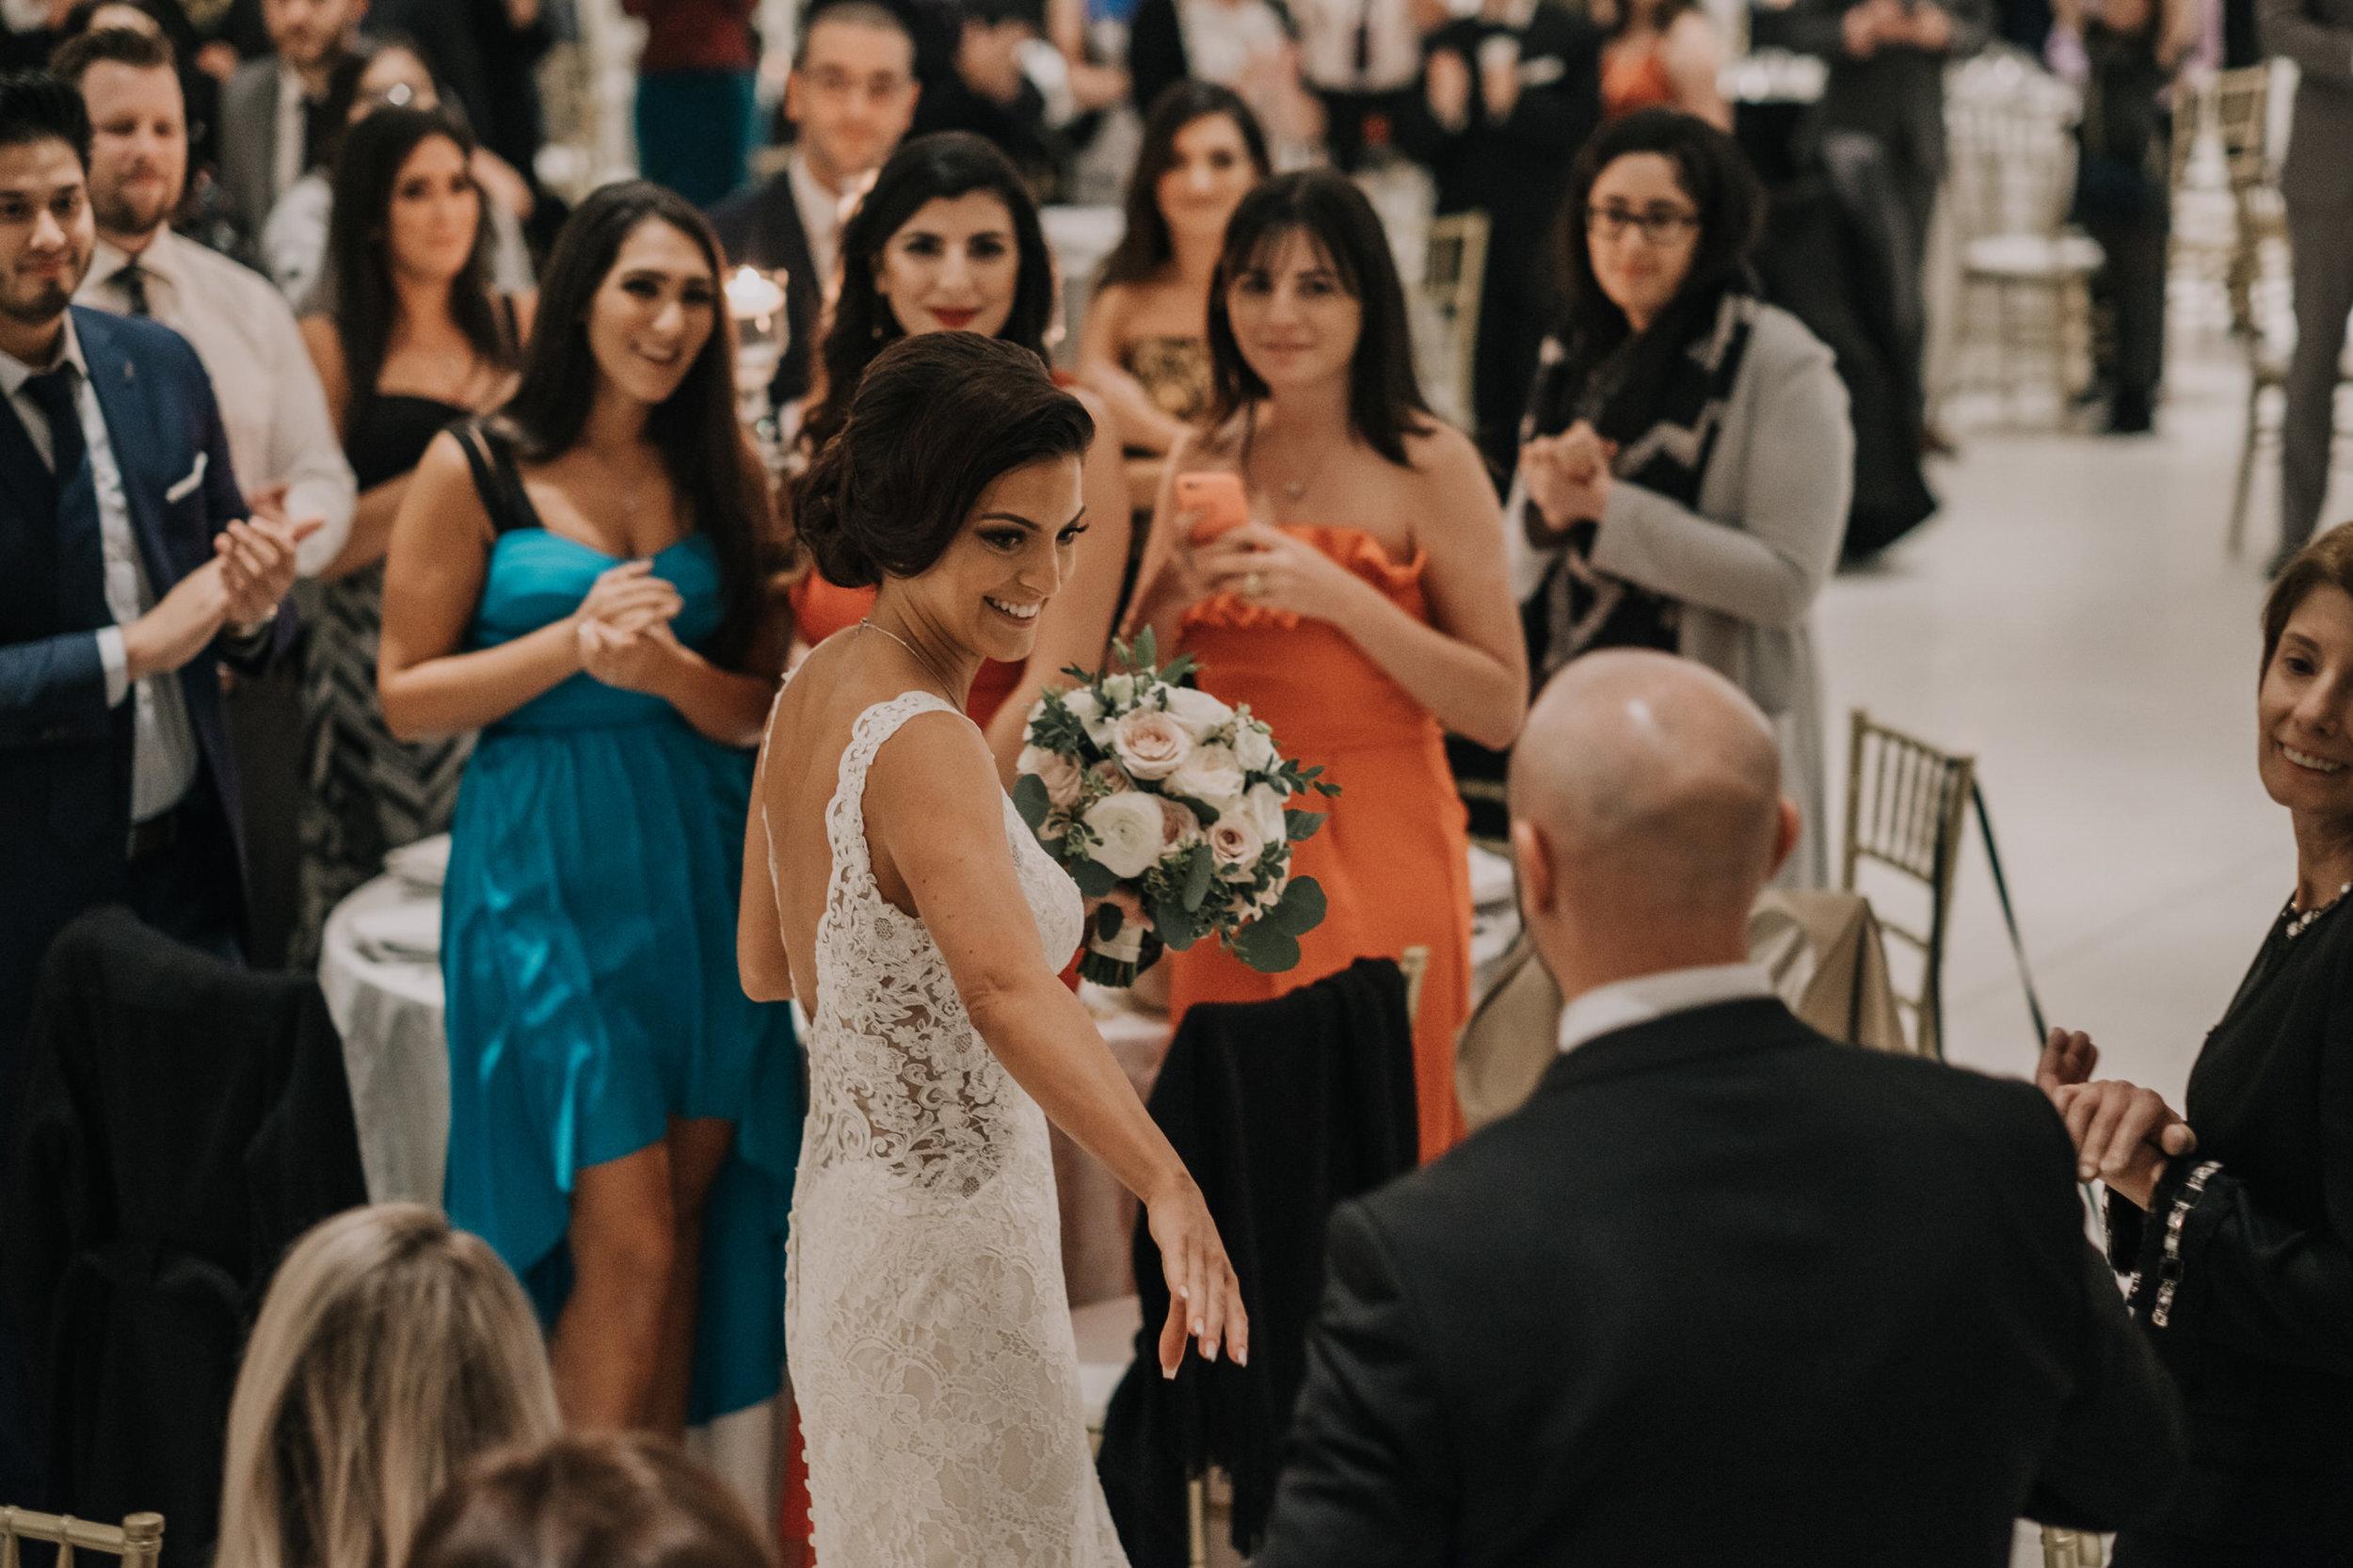 Pitt Meadows Wedding Photographer - Sky Hangar Wedding Photos - Vancouver Wedding Photographer & Videographer - Sunshine Coast Wedding Photos - Sunshine Coast Wedding Photographer - Jennifer Picard Photography - DSCF5476.jpg